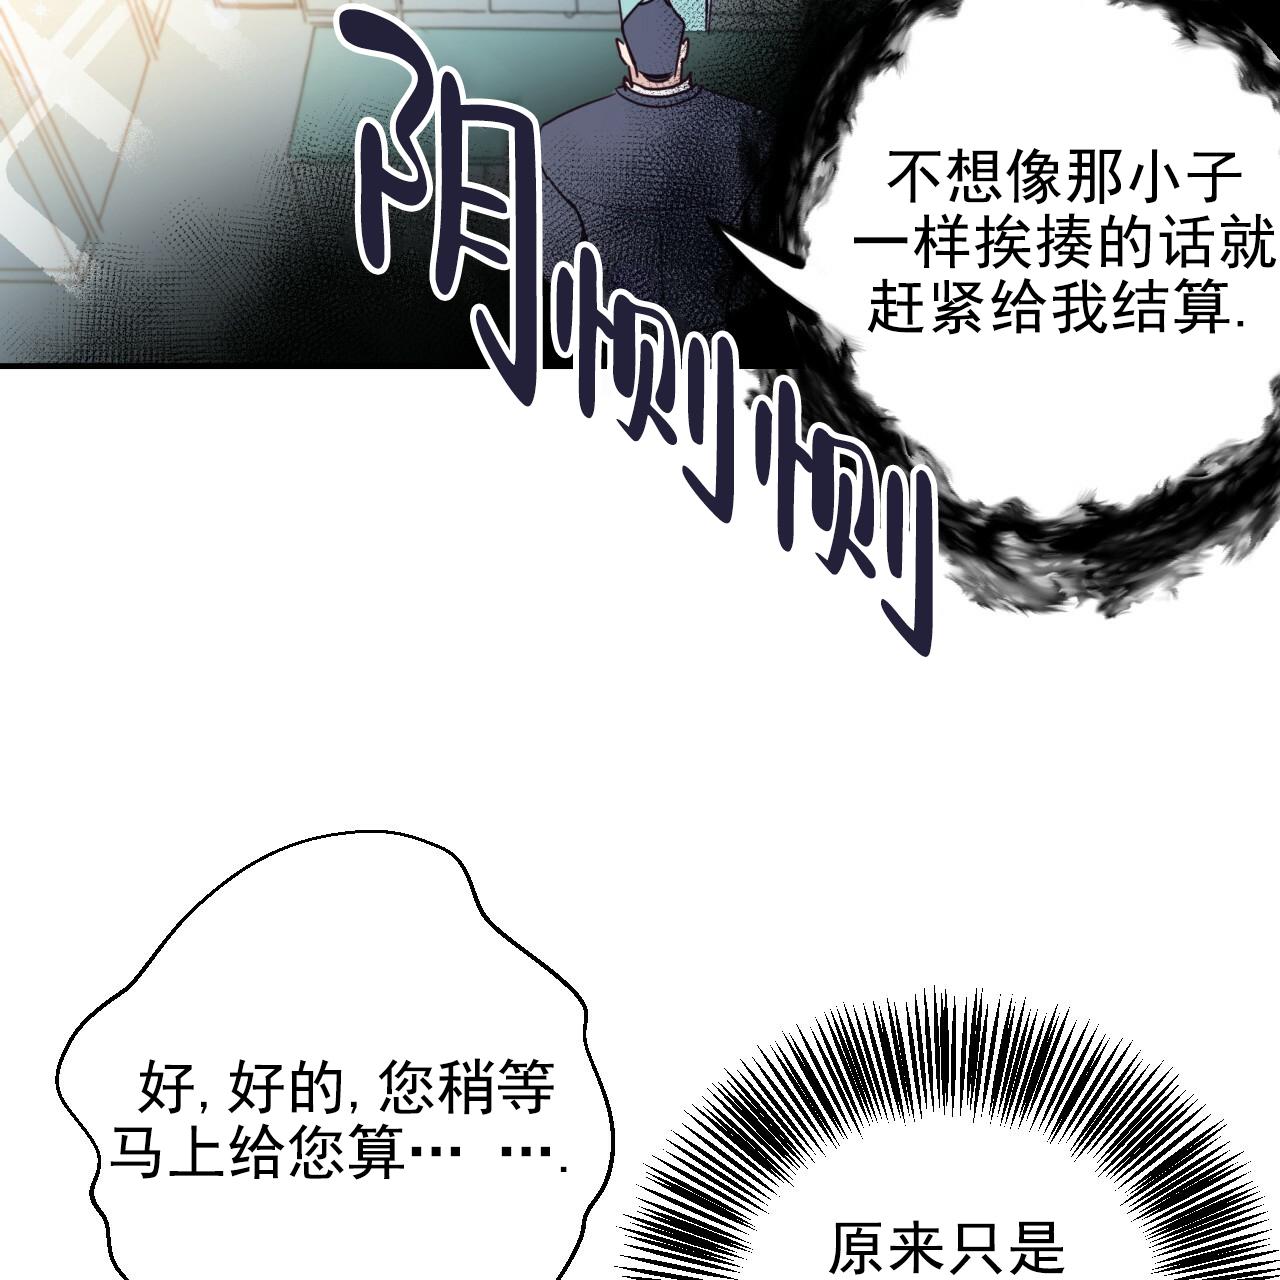 韩漫 | 《危险便利店》黑道大佬攻 X 单纯打工人受  第24张